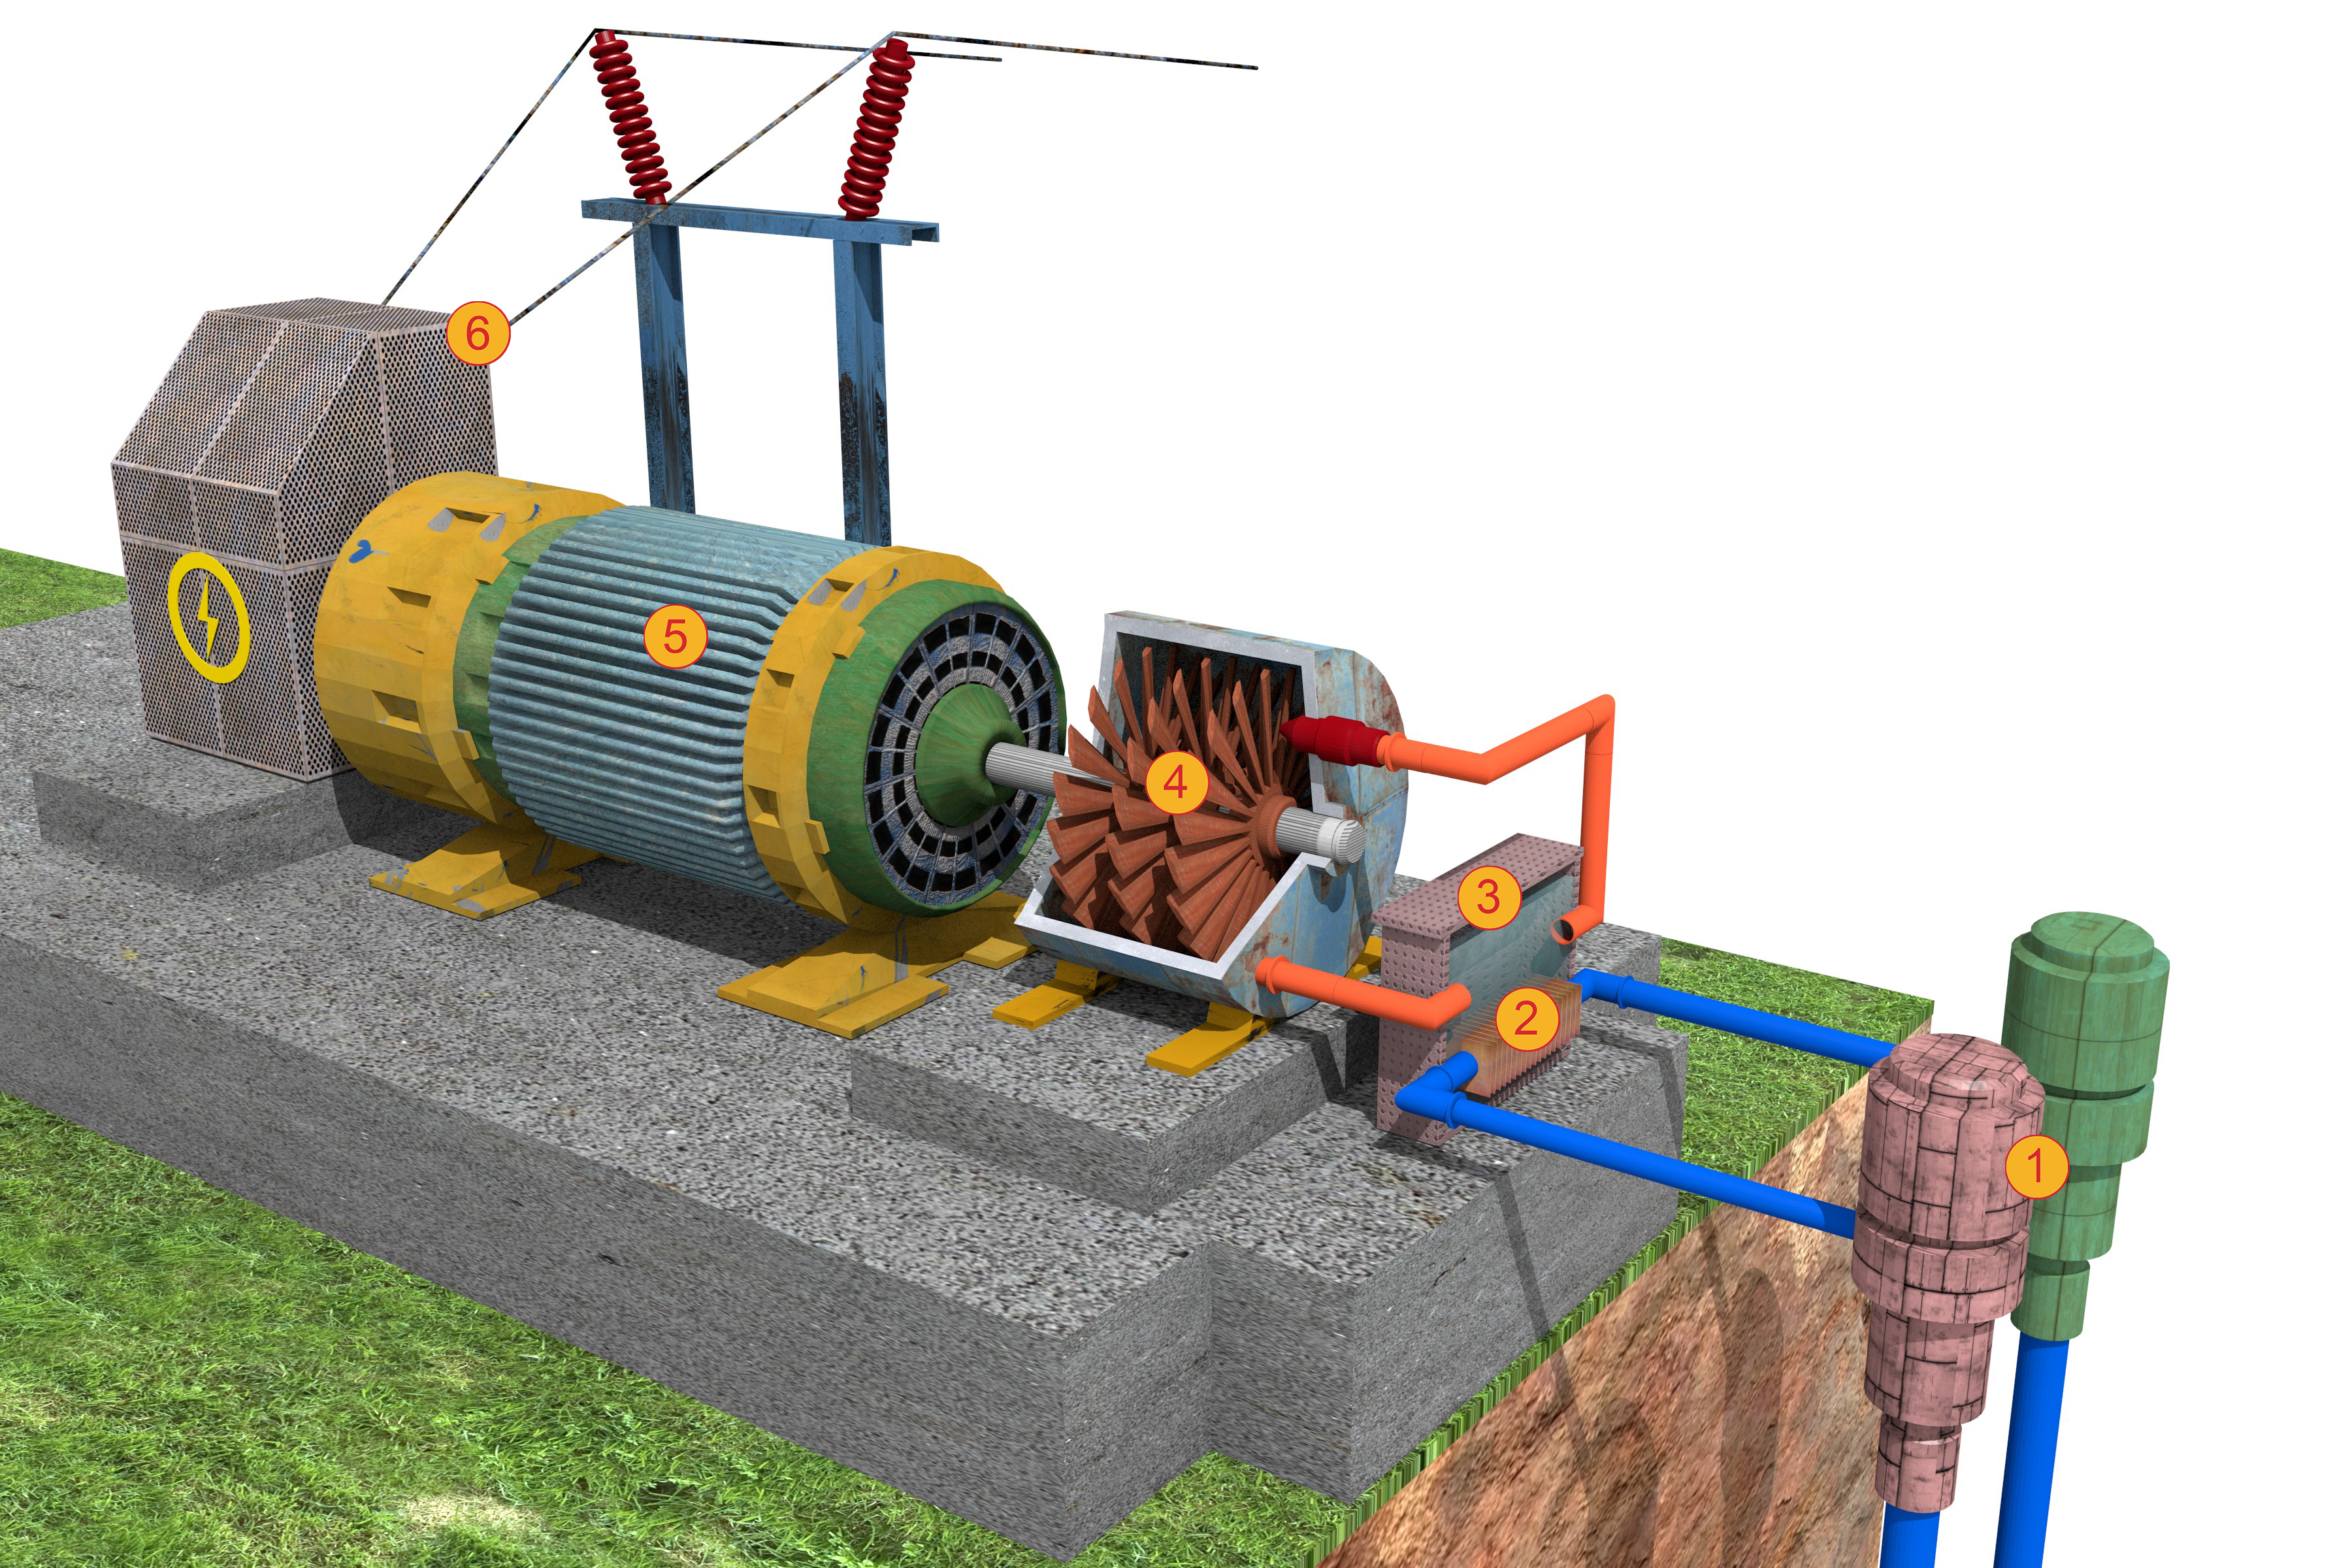 Productie energie geotermala - sistem binar - Procesarea si exploatarea energiei geotermale, transformarea in energie electrica